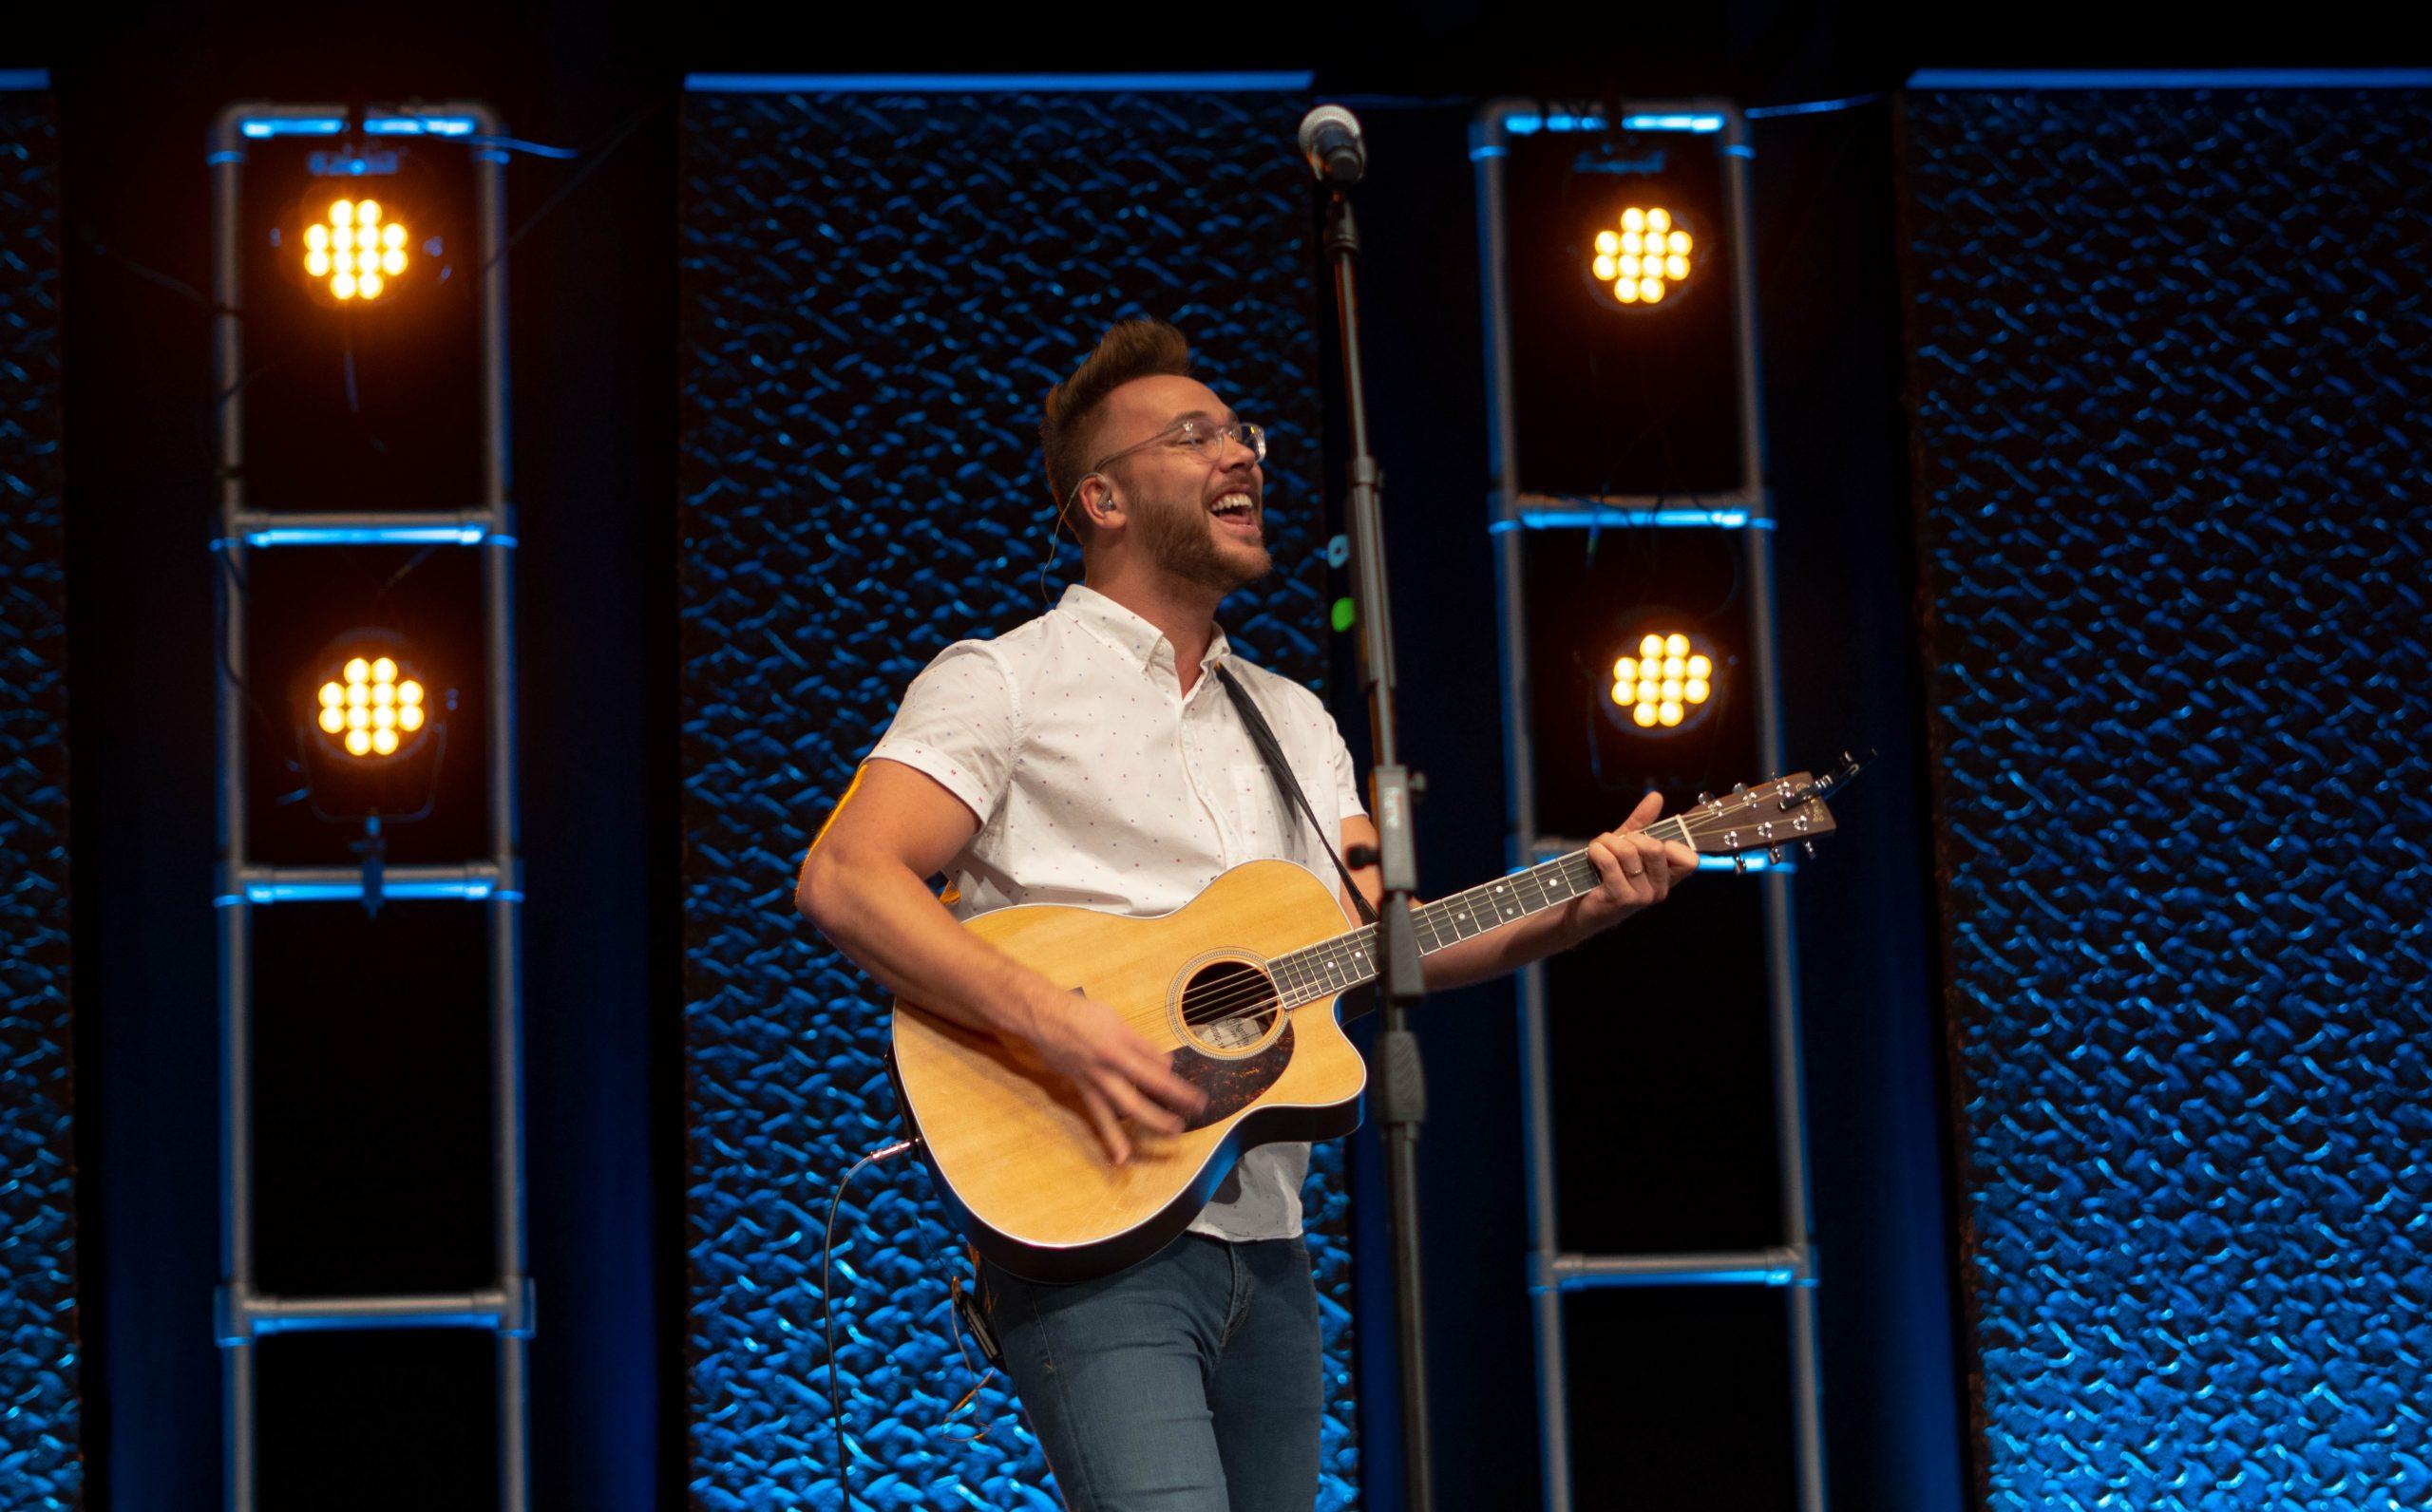 Sam Overla leading worship